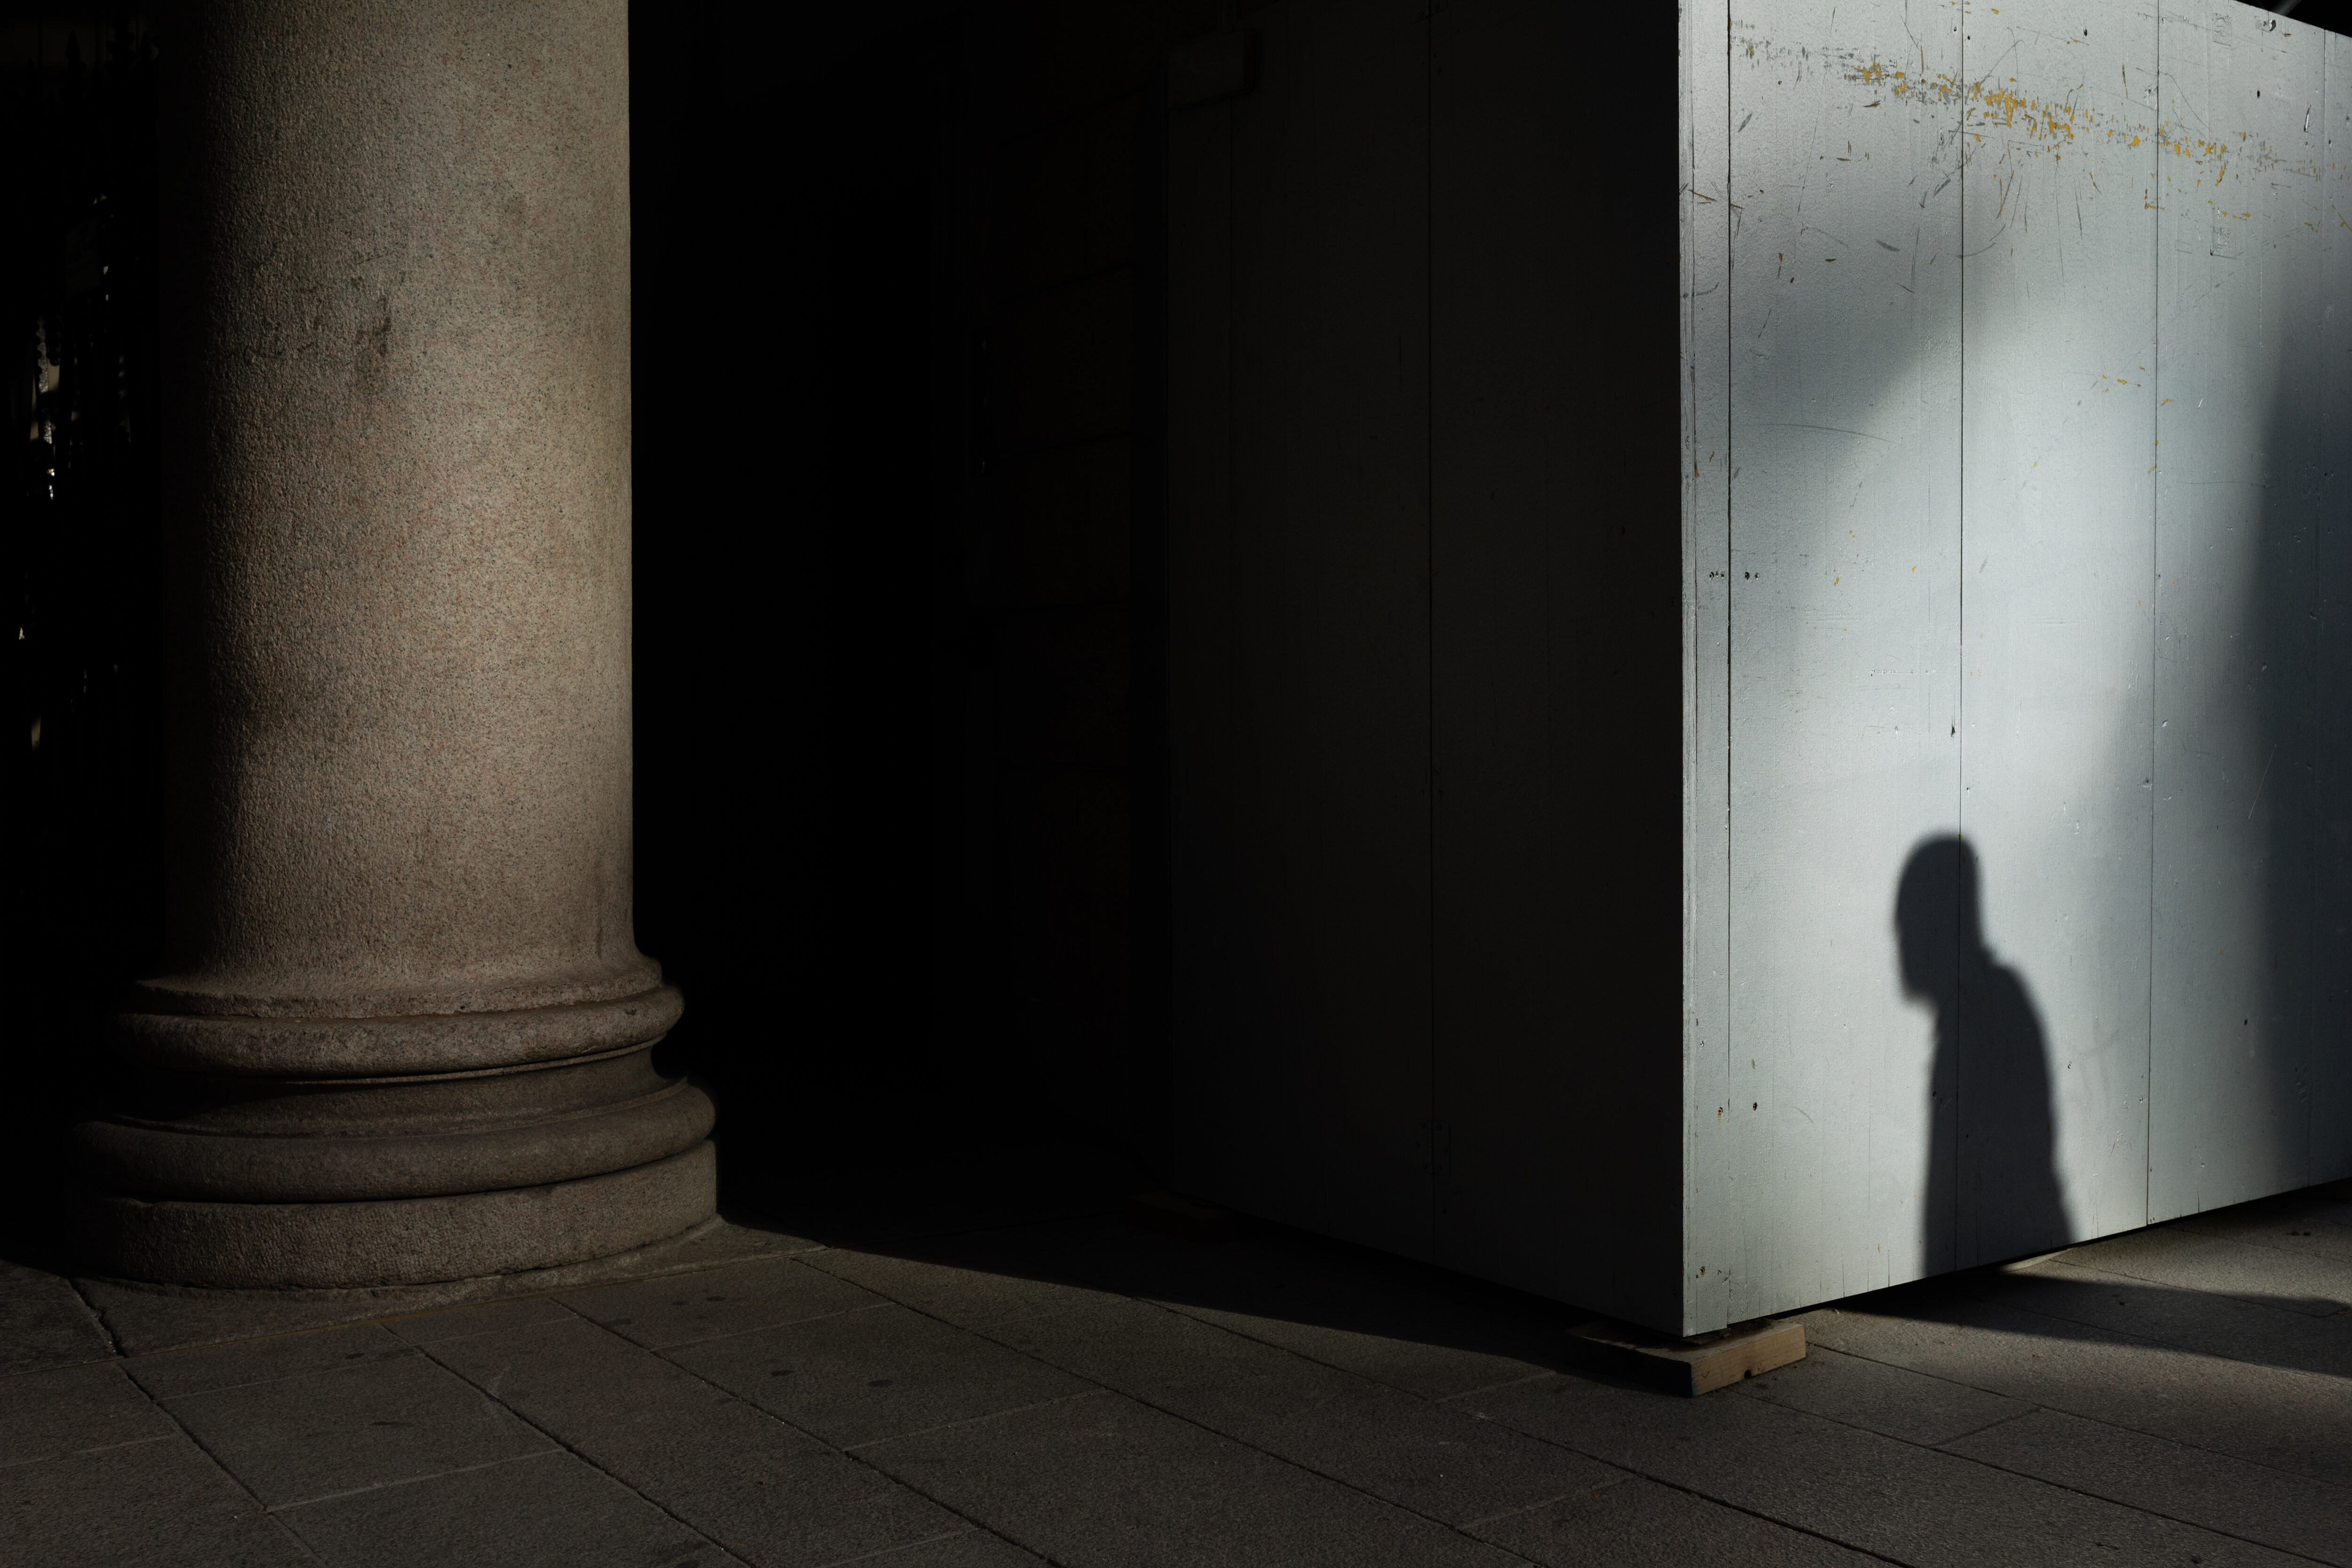 Cień mężczyzny, zdjęcie ilustracyjne